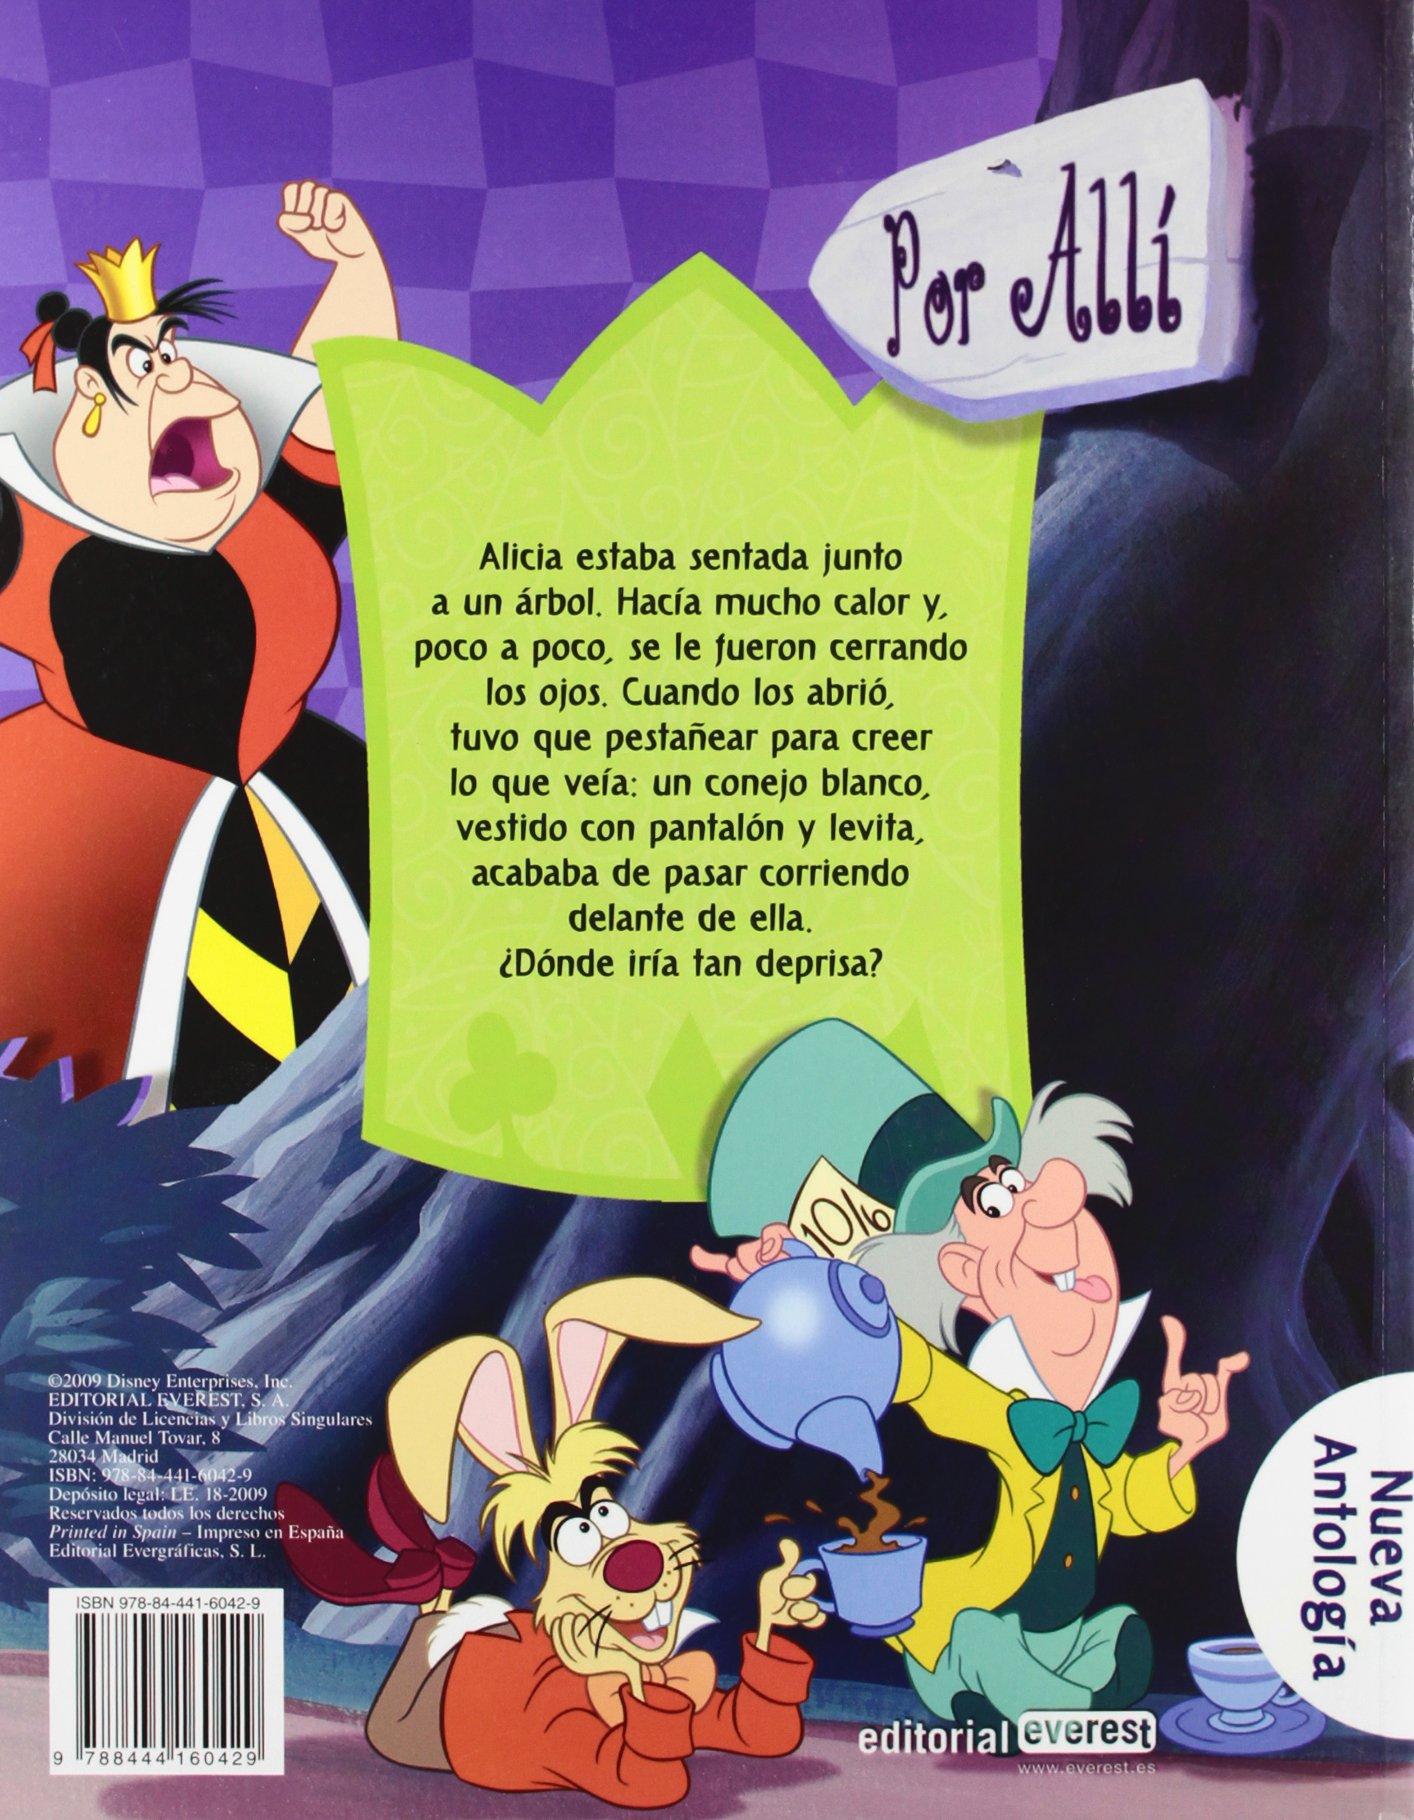 Alicia en el País de las Maravillas Nueva antología Disney: Amazon.es: Walt Disney Company, Walt Disney Company, Walt Disney Company: Libros